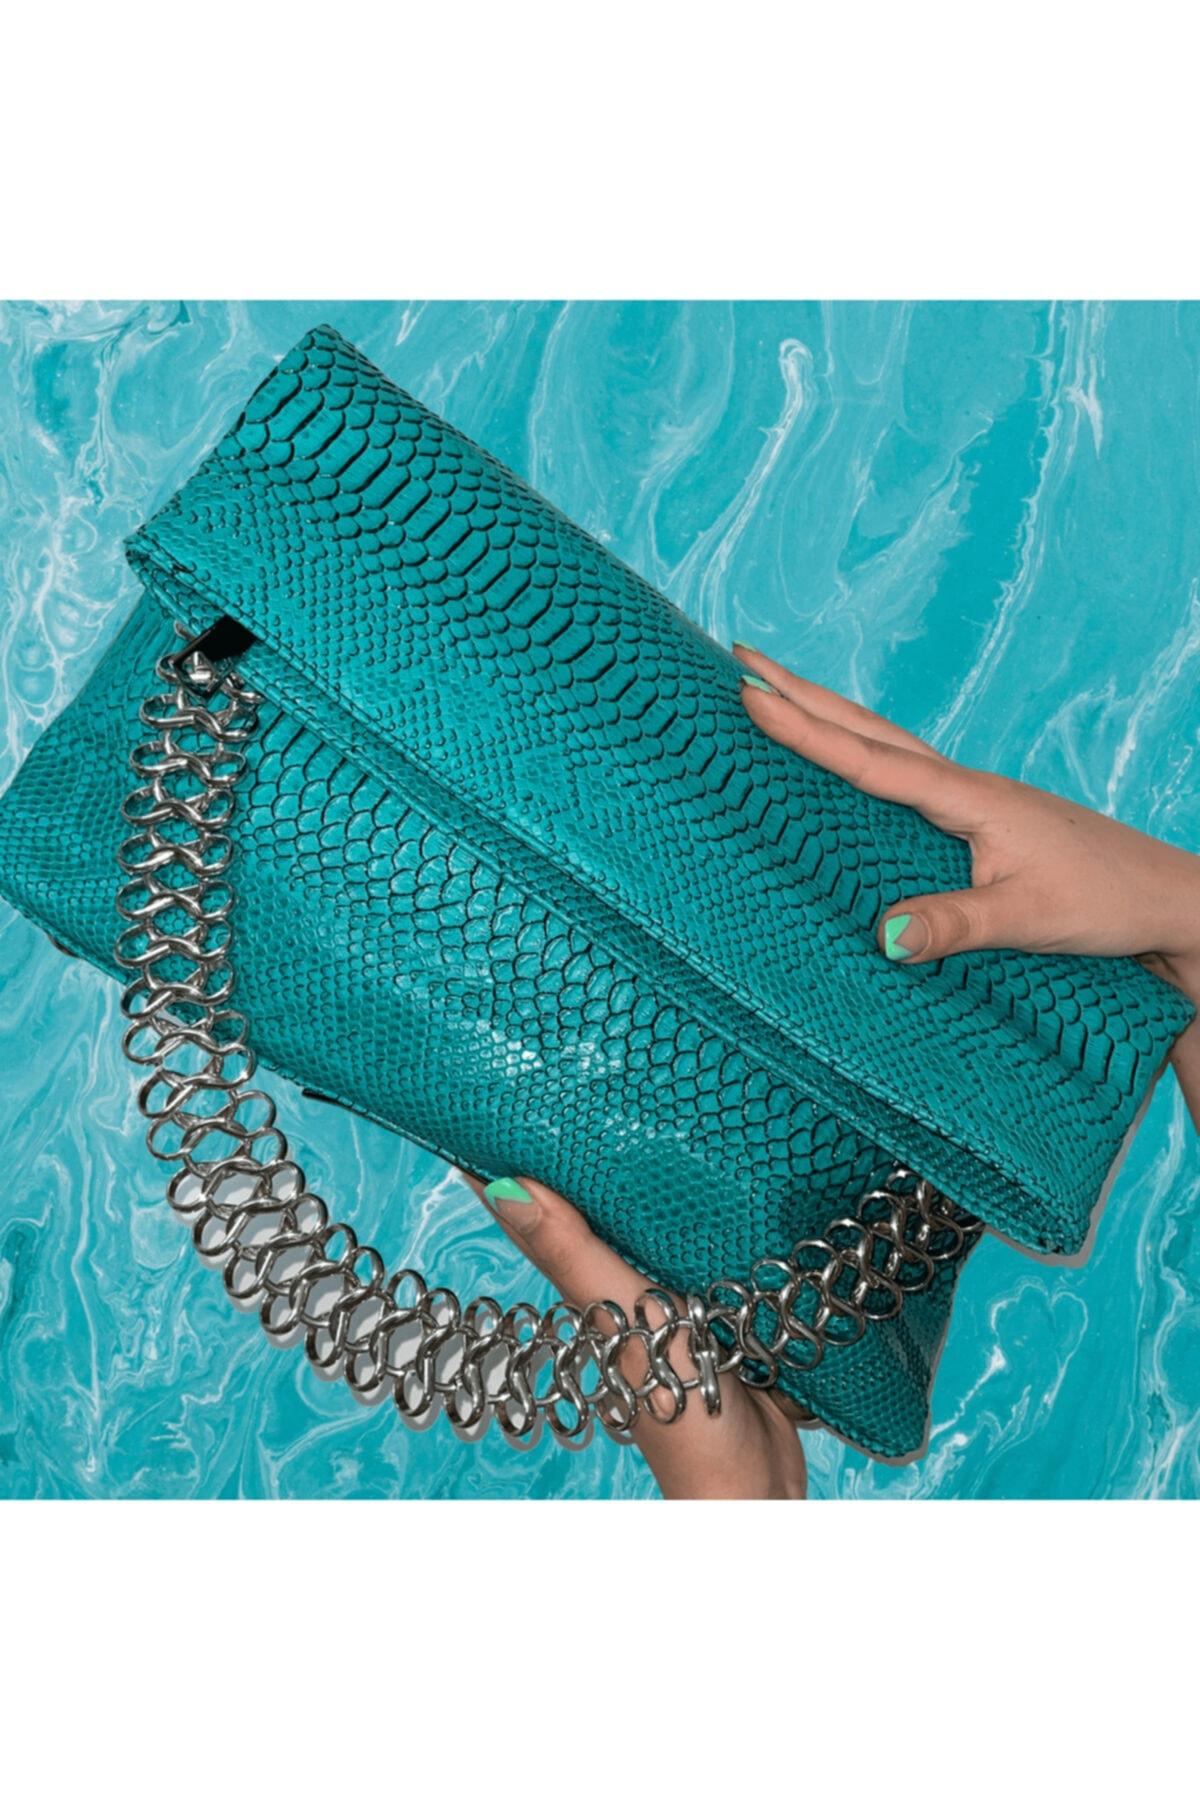 خرید اینترنتی کیف دستی اصل برند mottoconcept رنگ سبز کد ty110674484